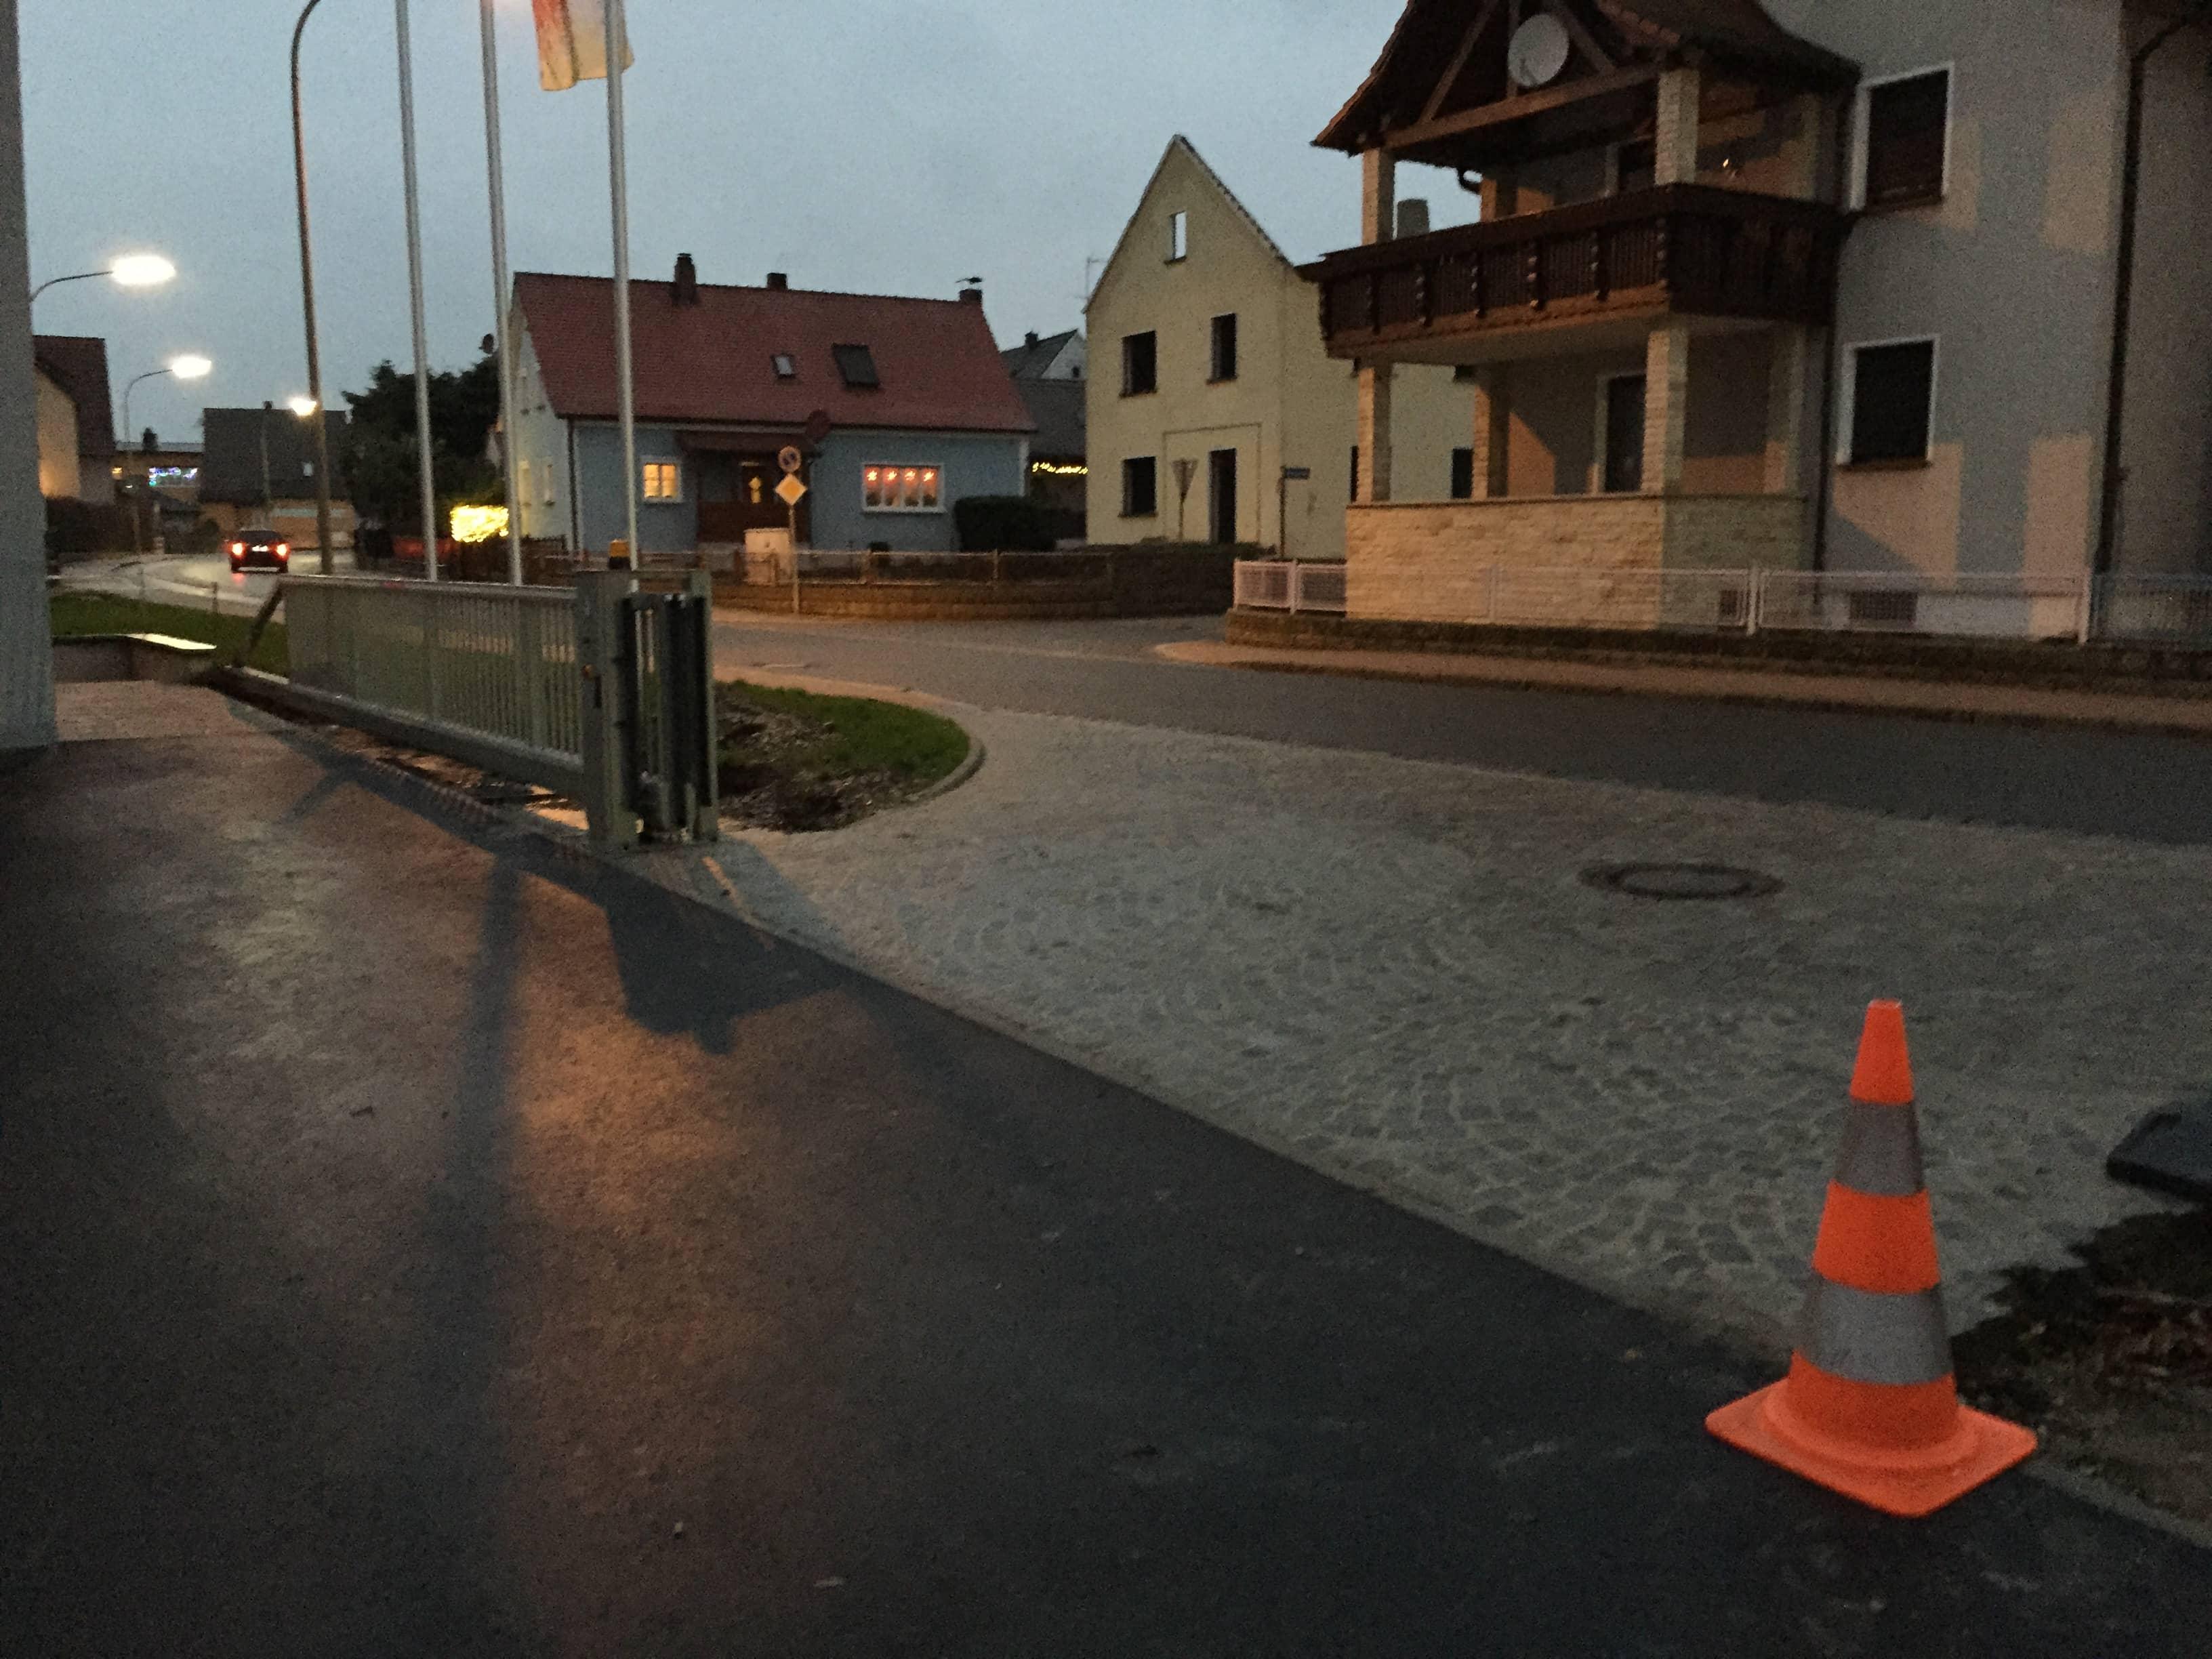 Industrie-Schiebetor von Metallbau & Zaunbau Häusler